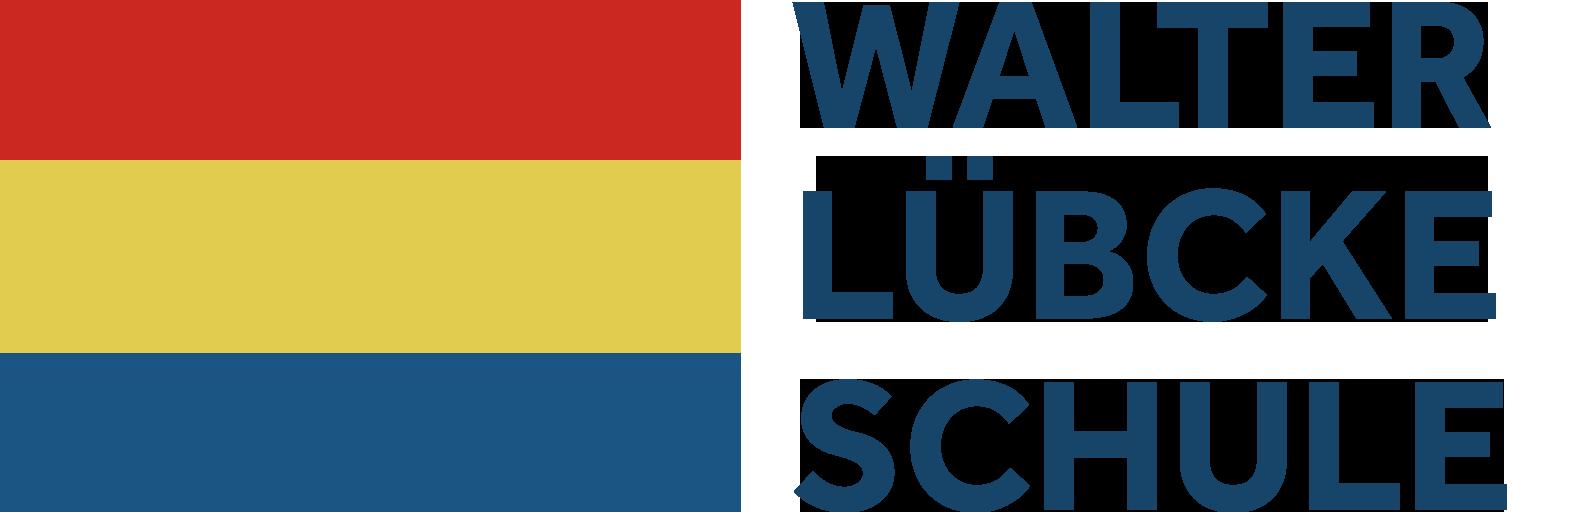 Walter-Lübcke-Schule | Wolfhagen